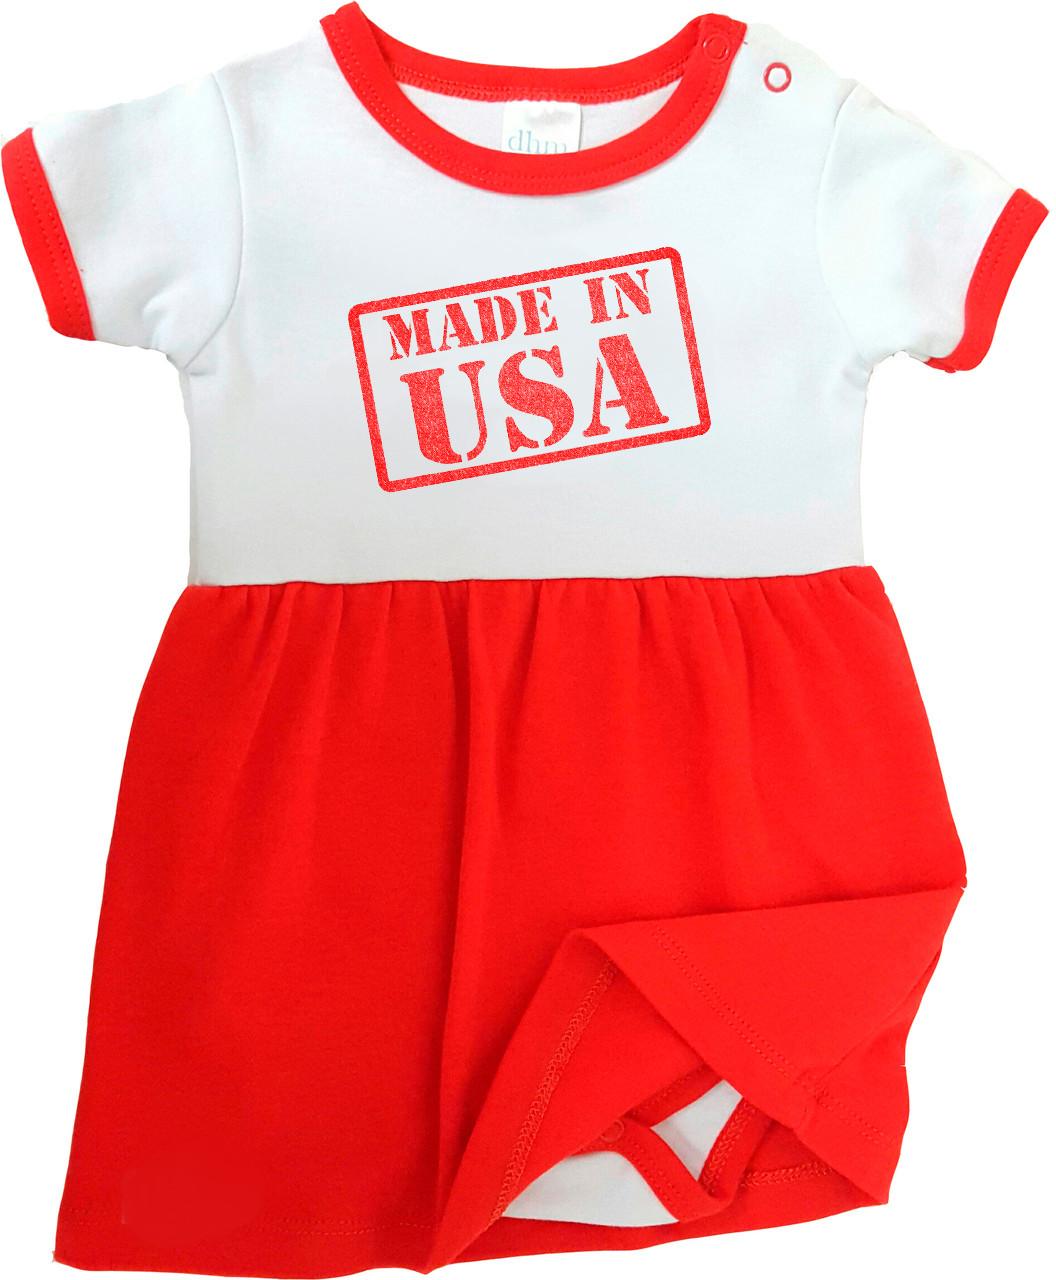 Alabama Crimson Tide Personalized Babytoddler T Shirt